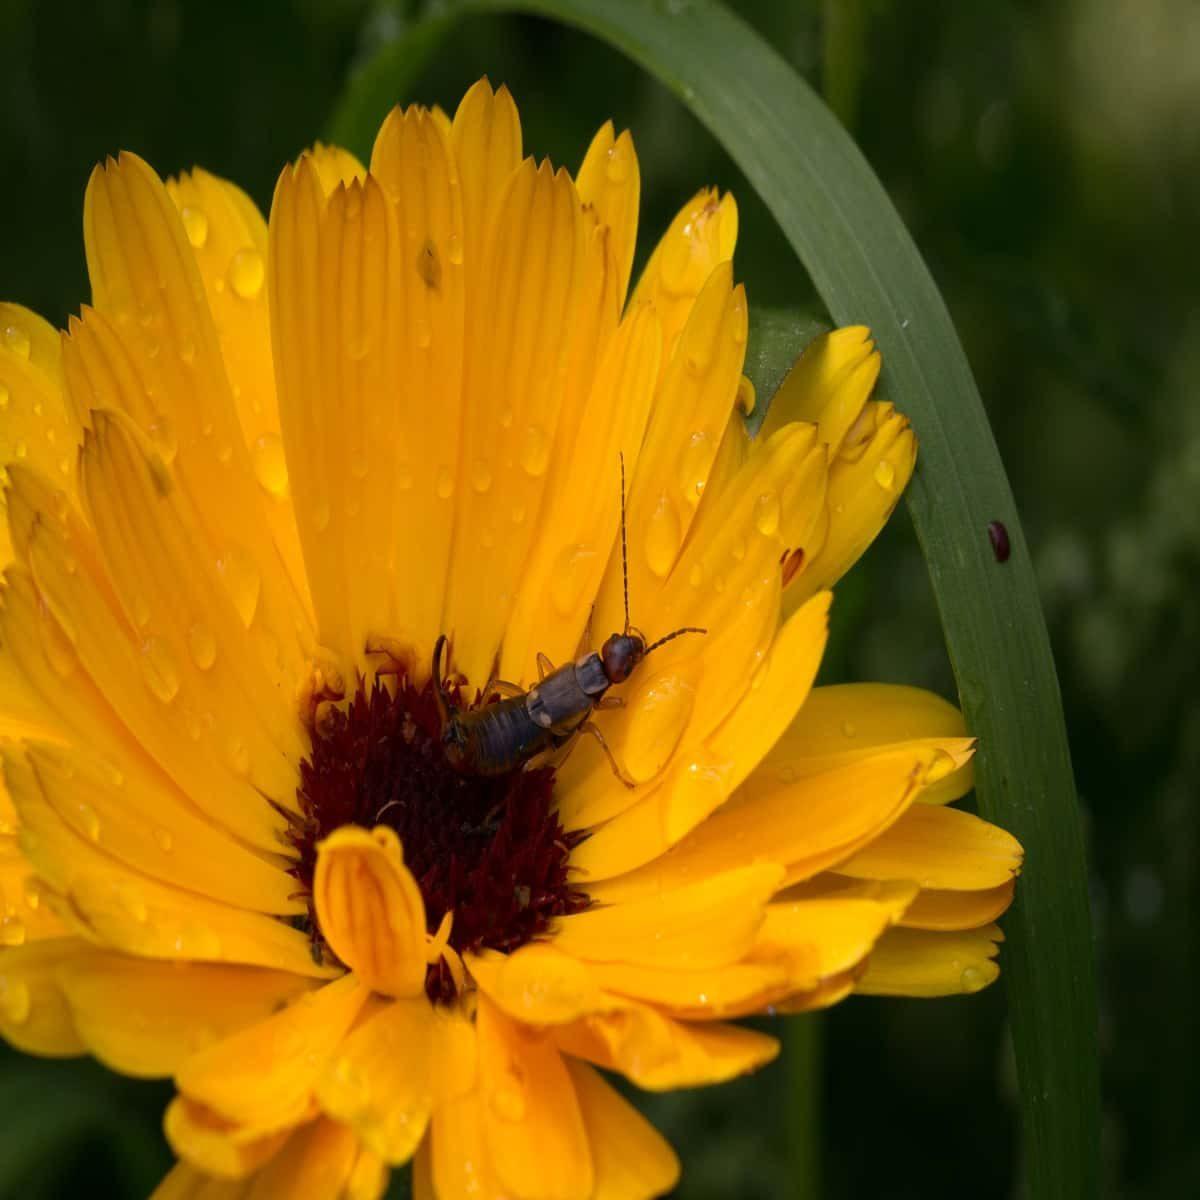 Earwig on a flower